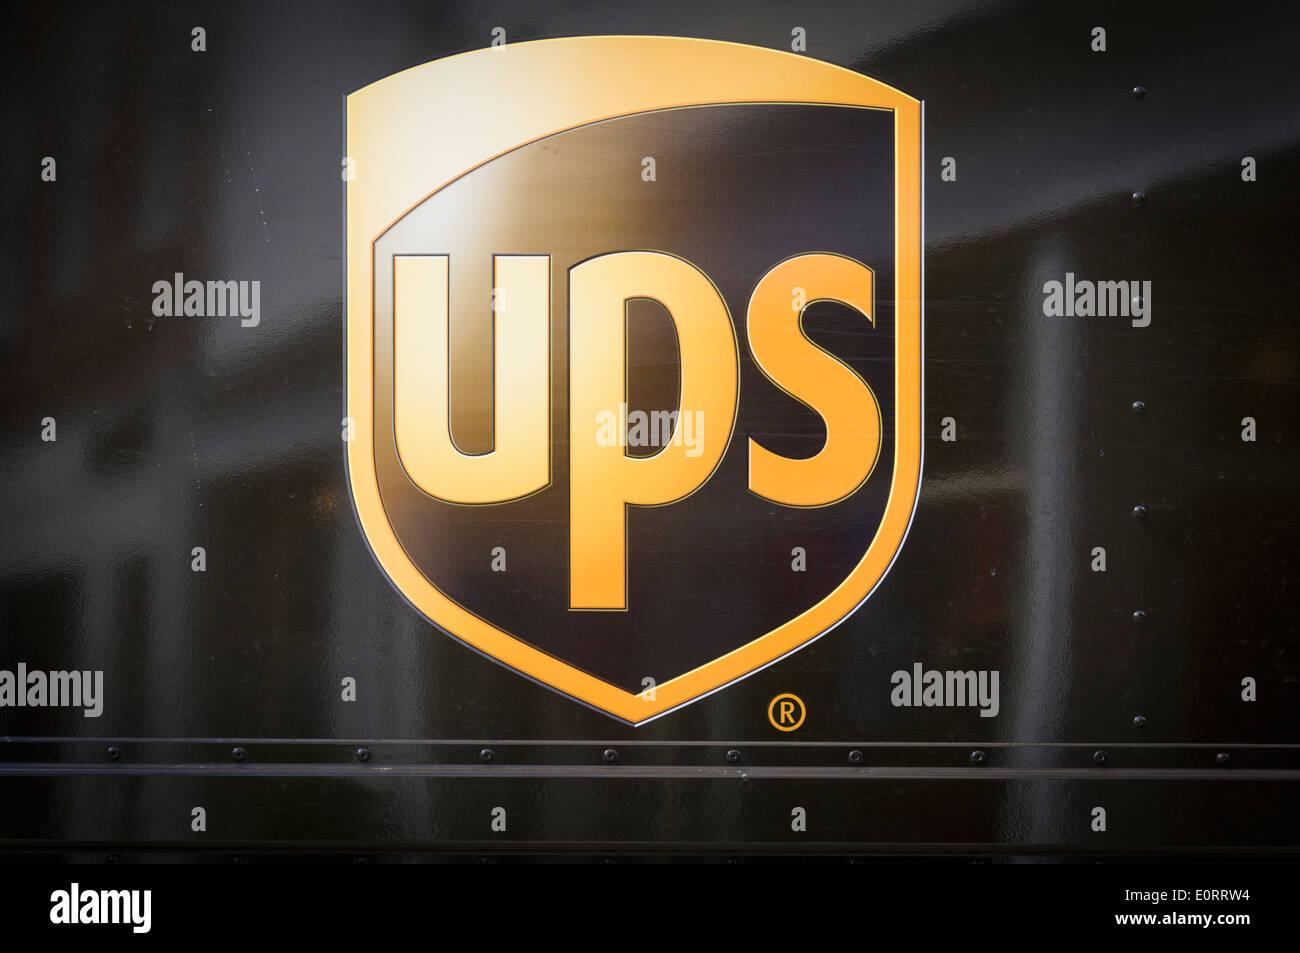 UPS-Logo an der Seite eines Lieferwagens Stockbild